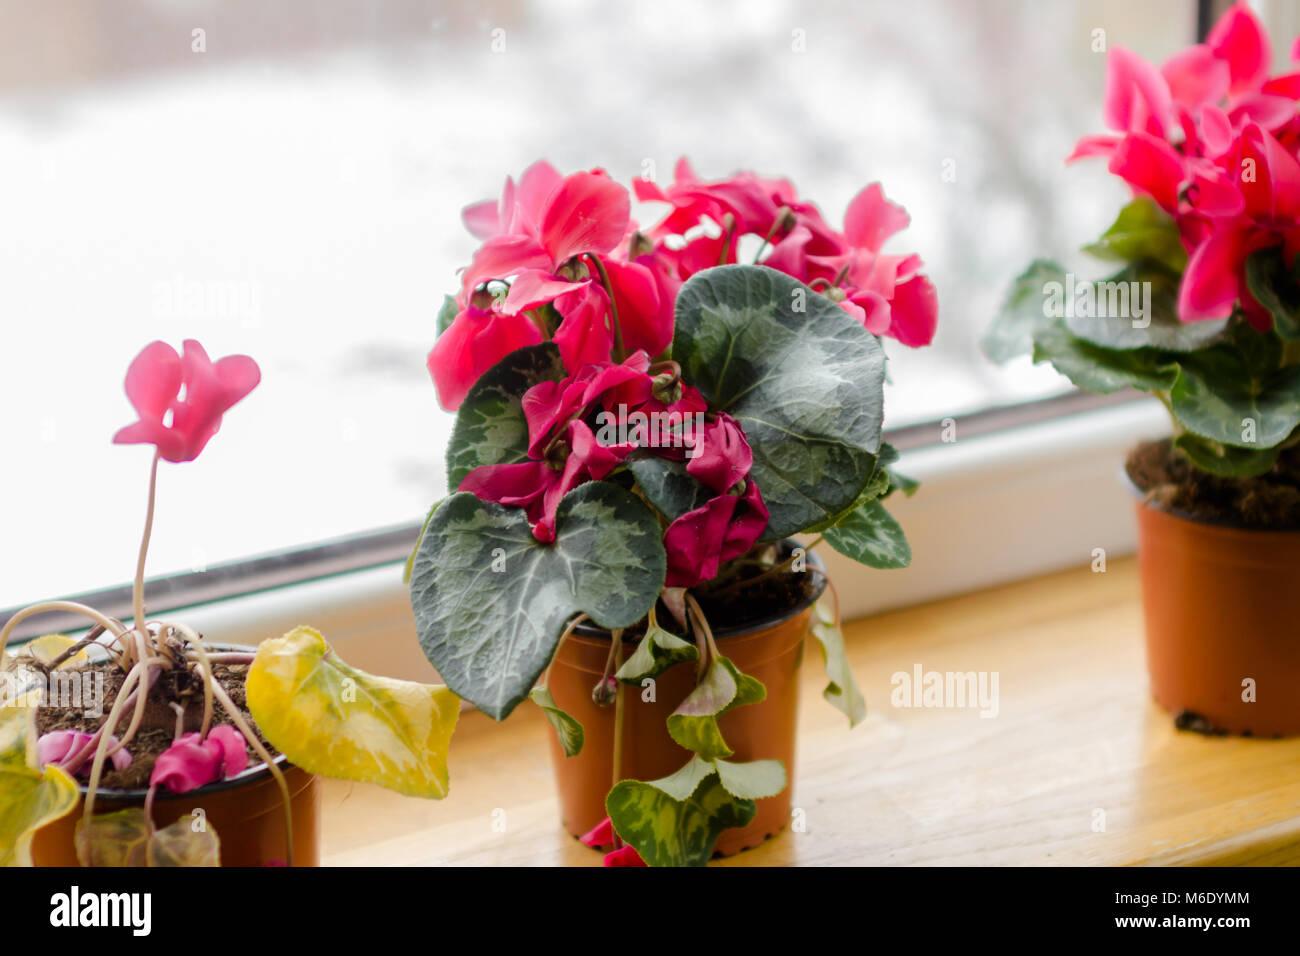 Sycamore Rot Cyclamen Blumen Im Topf Auf Einem Fenster In Balkon